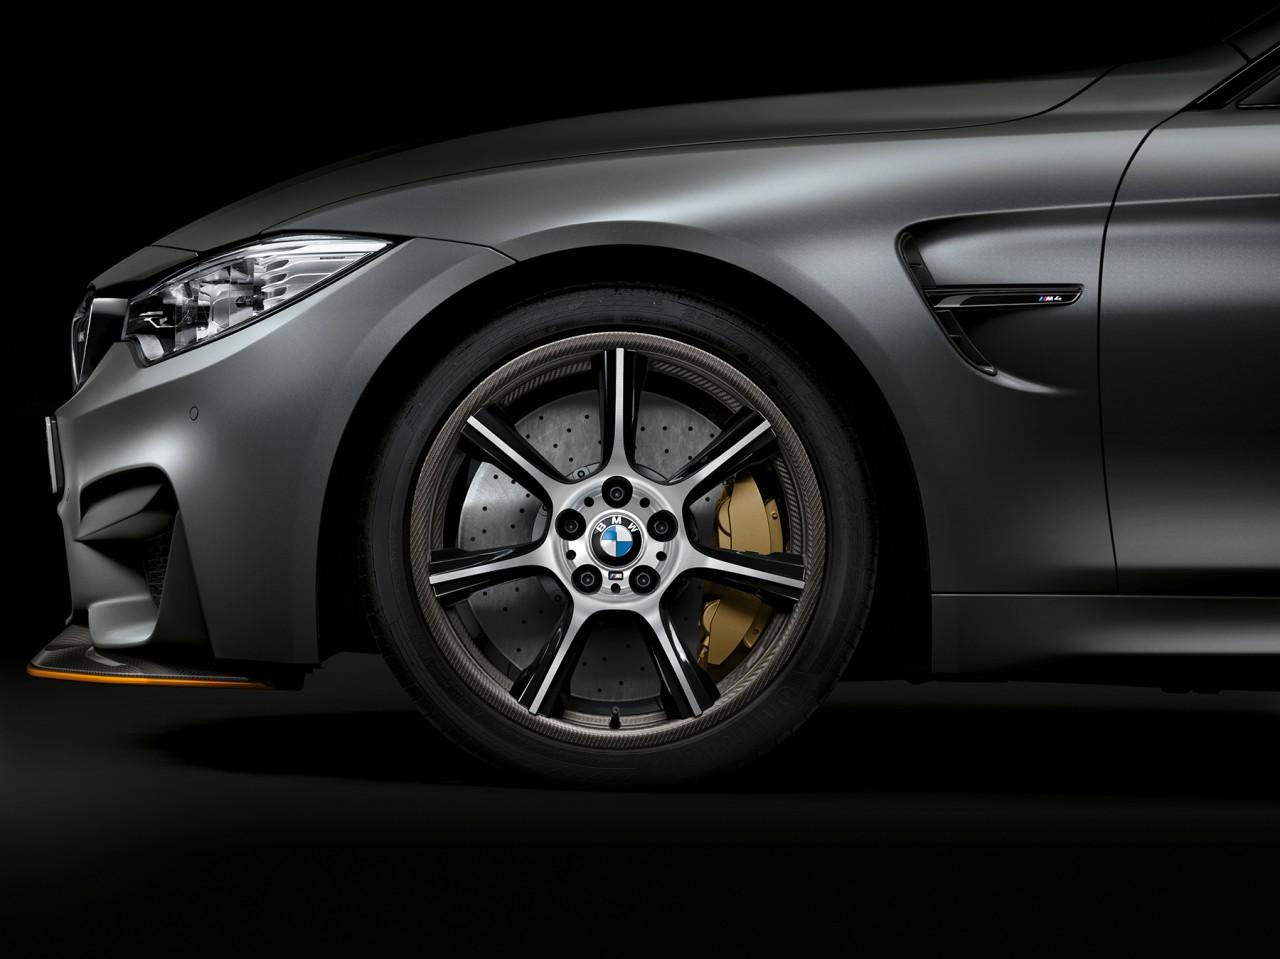 BMW M4 llantas carbono